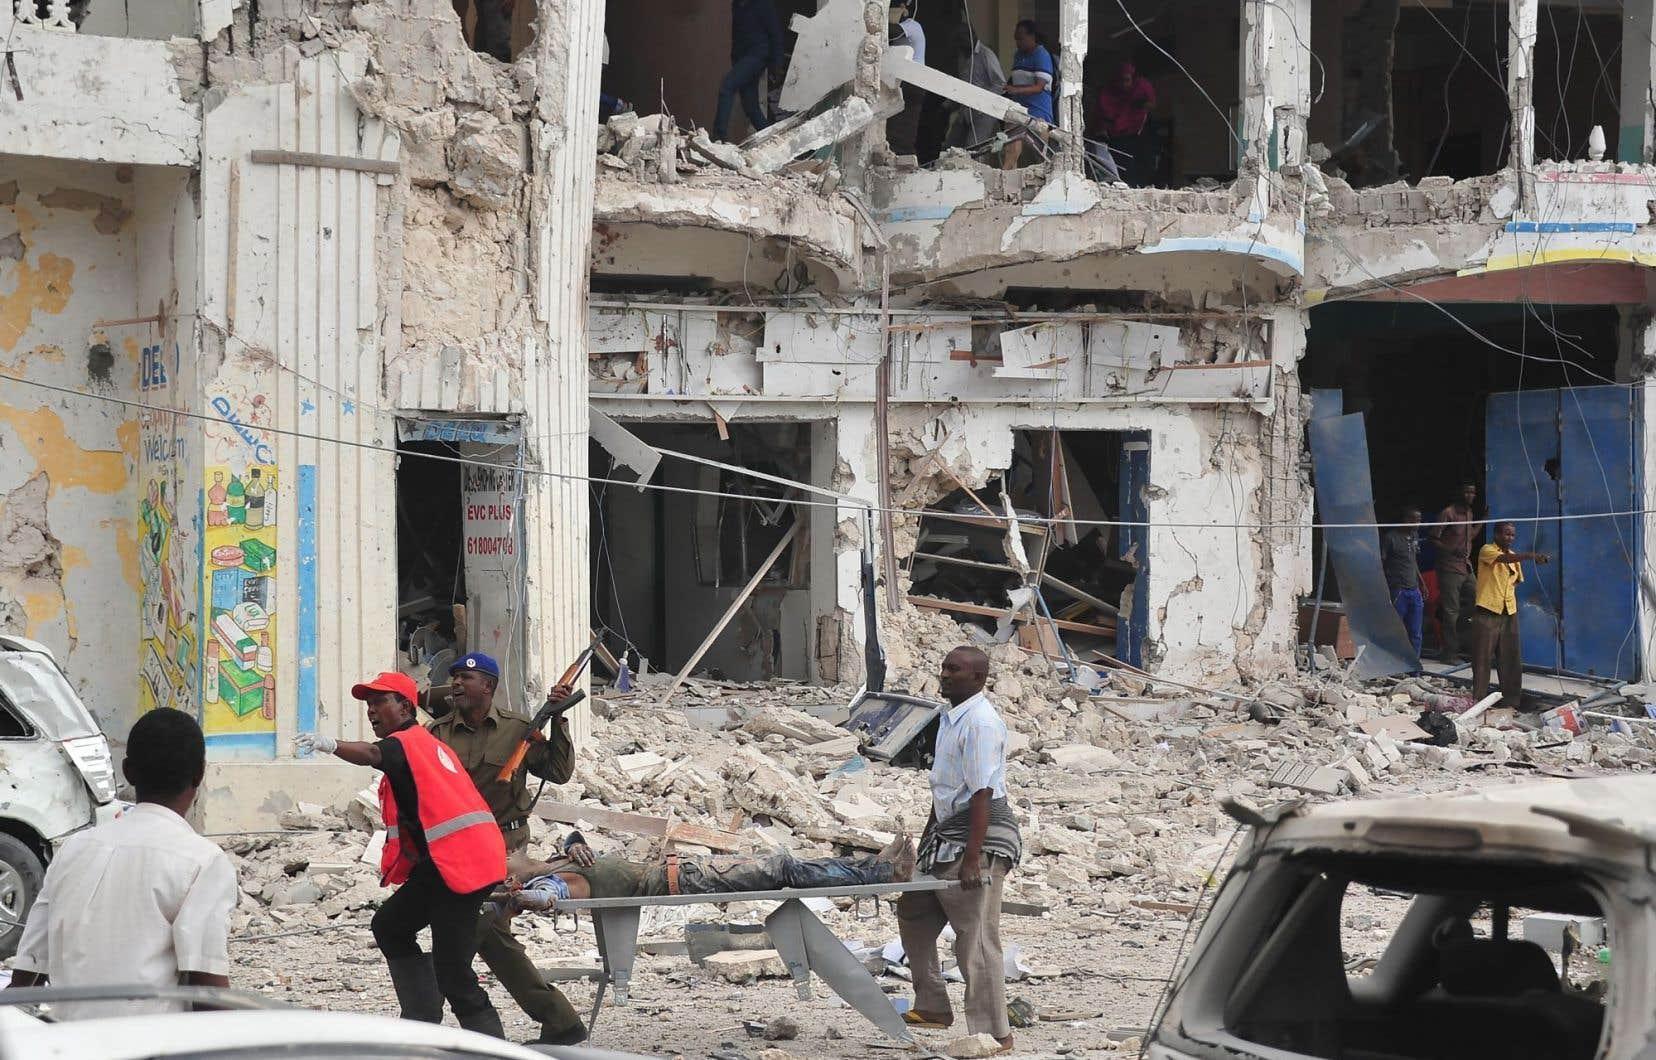 Le double attentat à la voiture piégée a fait au moins 28 morts et 43 blessés.